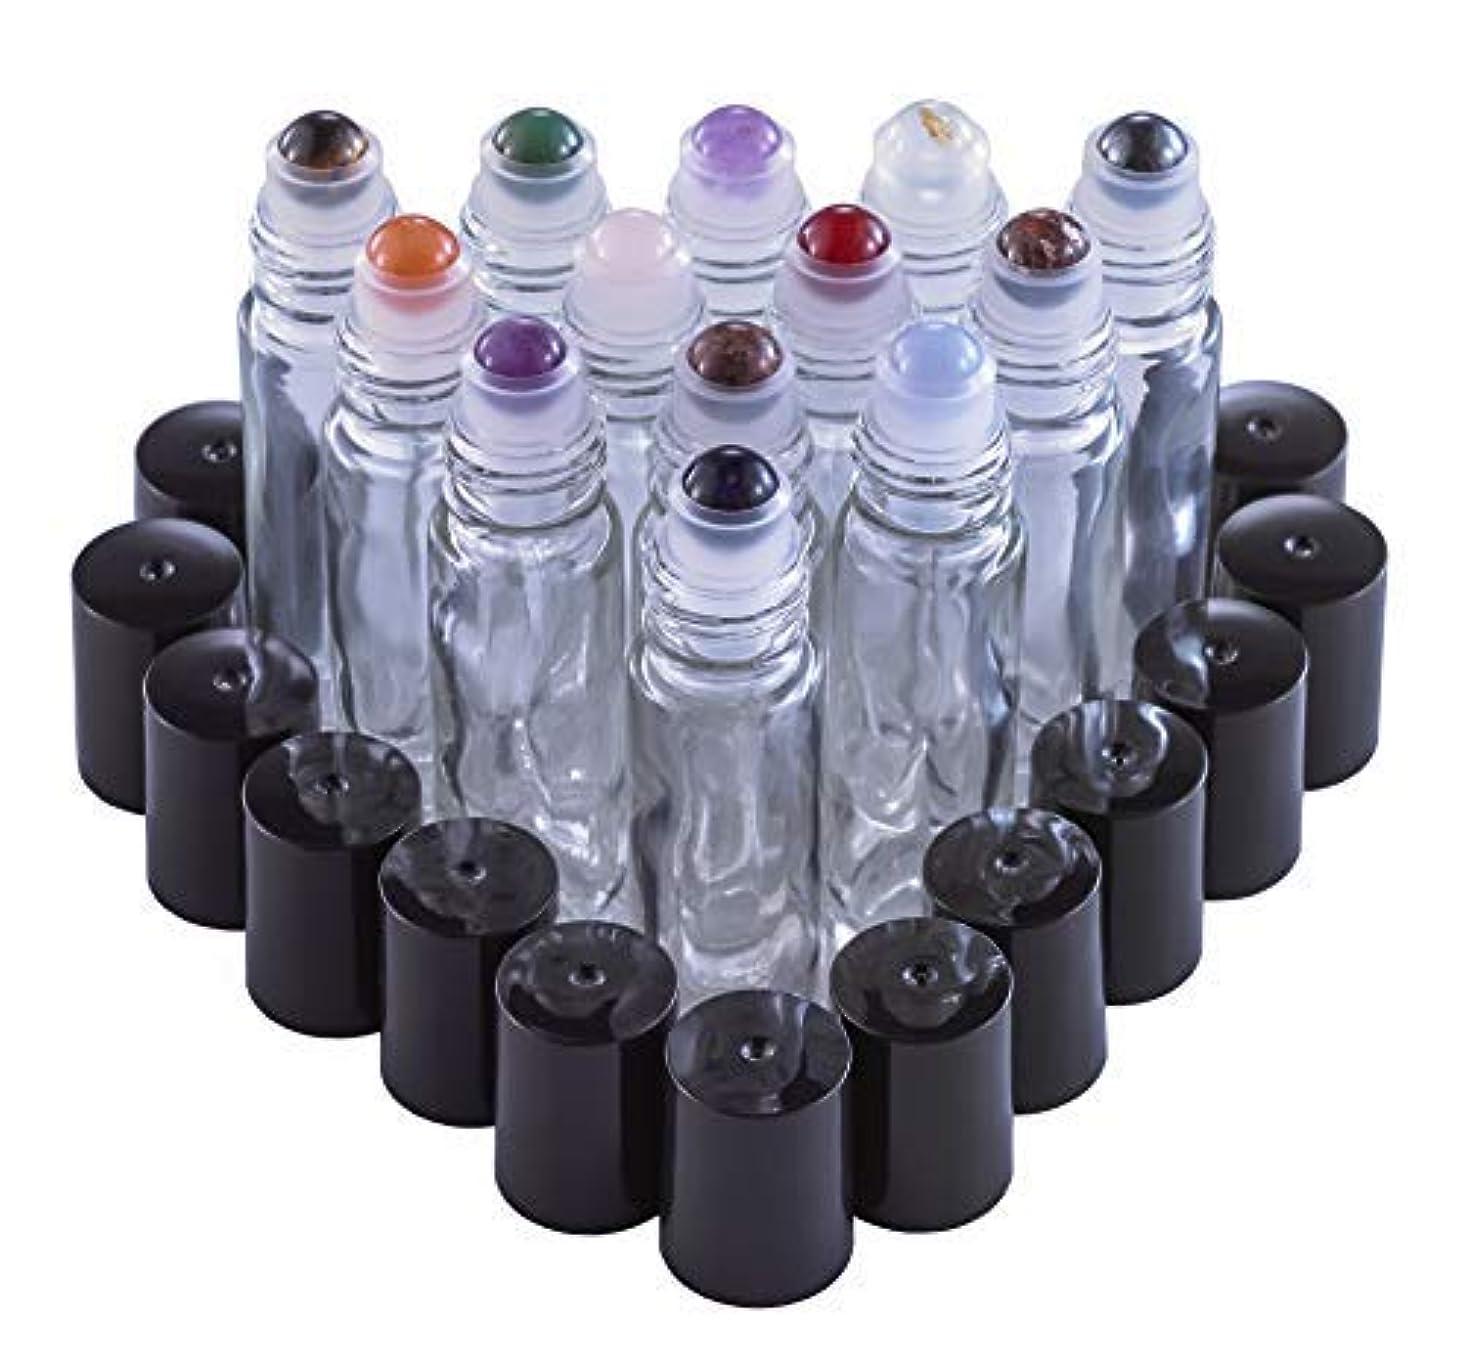 乳白ネックレス急ぐGemstone Roller Balls For Essential Oils - 13 Beautiful Glass Roller Bottles With Precious Gemstones and Crystals...